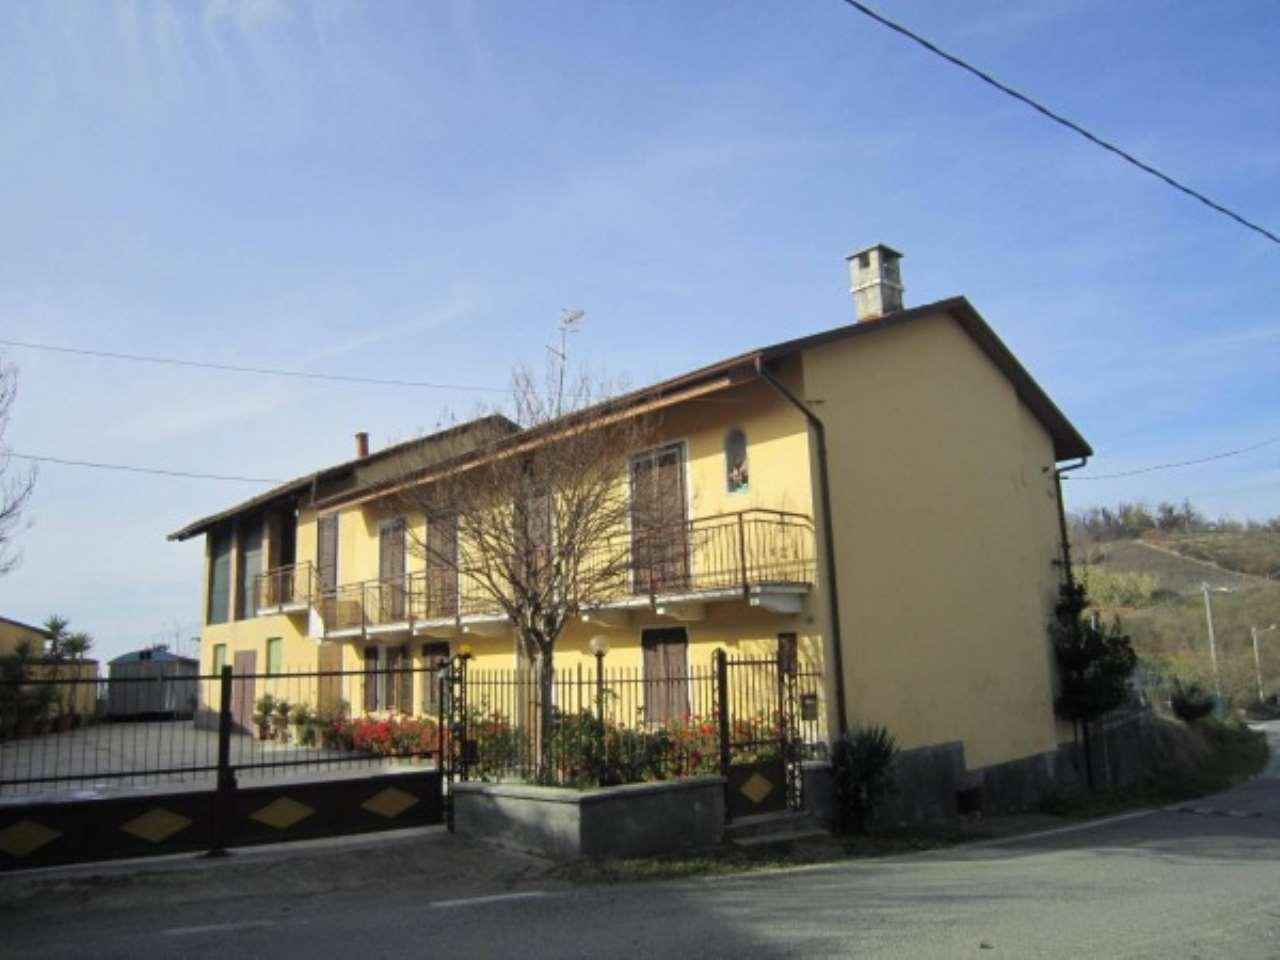 Rustico / Casale in vendita a Cherasco, 6 locali, prezzo € 300.000 | CambioCasa.it